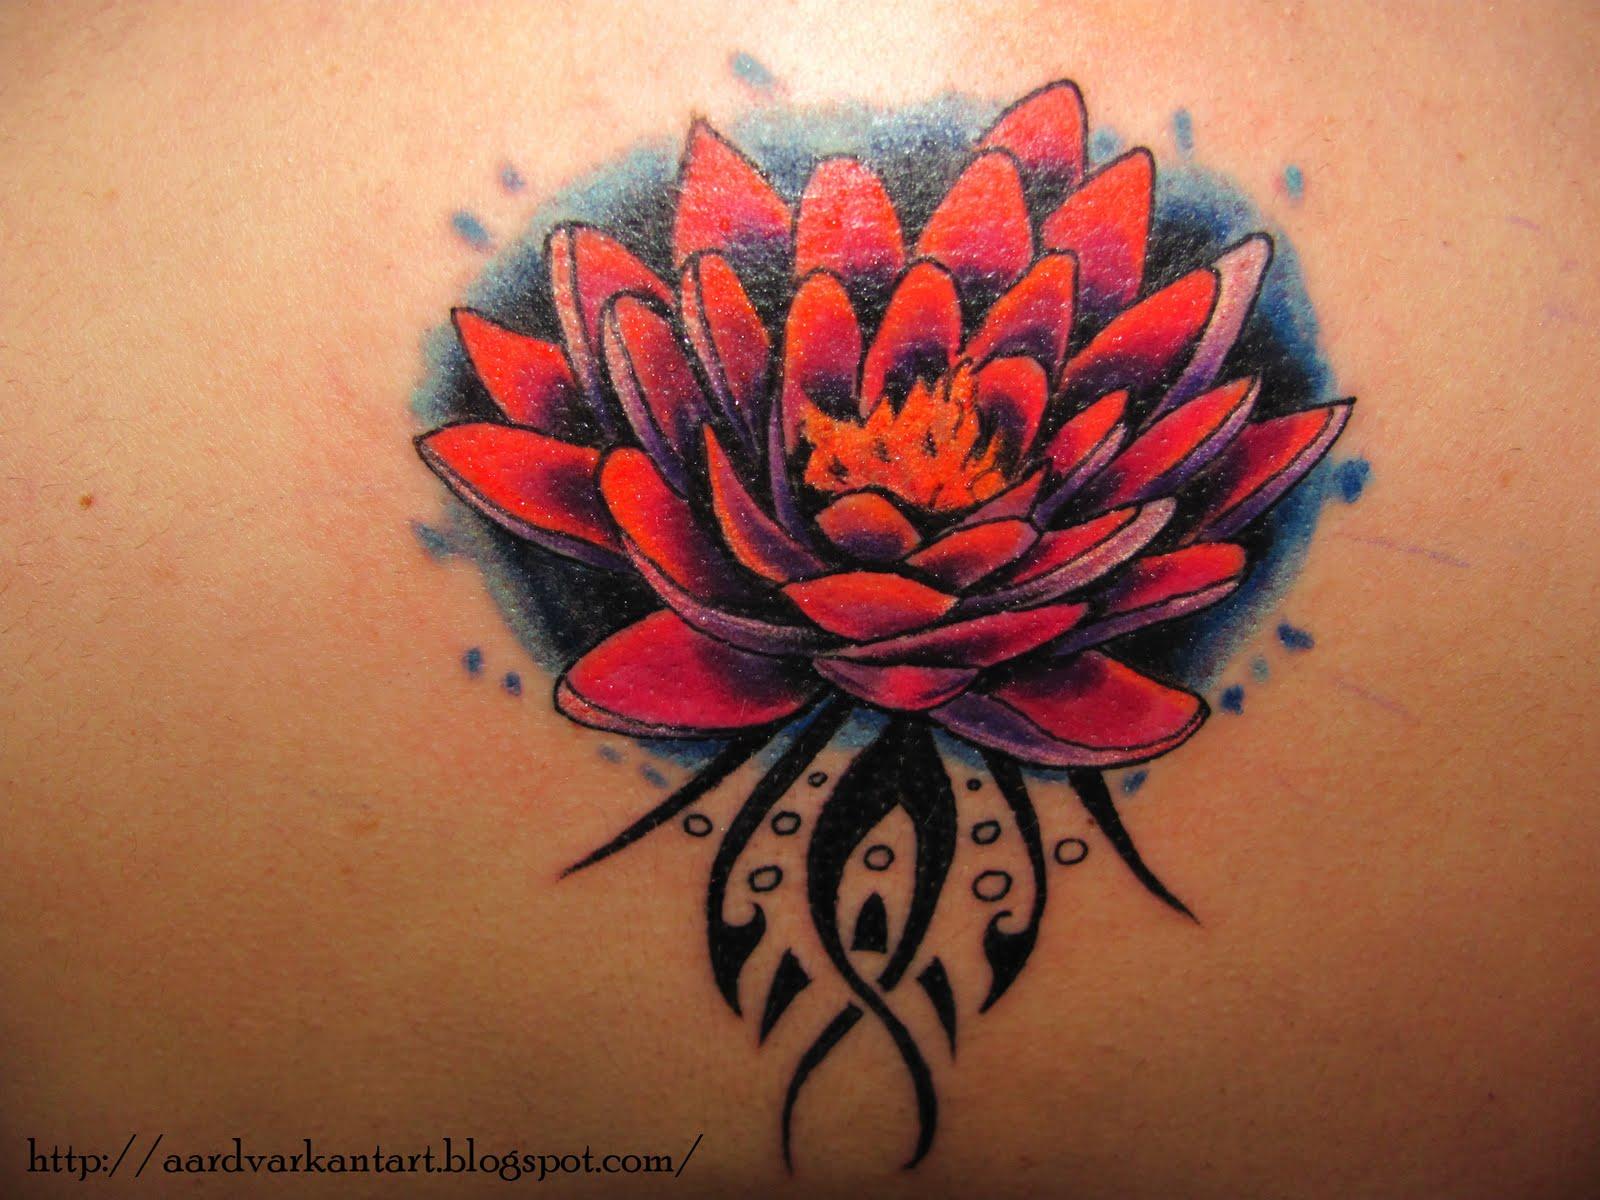 http://3.bp.blogspot.com/-4oqMabKk_3s/Tc3fXiu-GGI/AAAAAAAAAOo/0Ax4ilVWddw/s1600/lotus+flower+tattoo.jpg